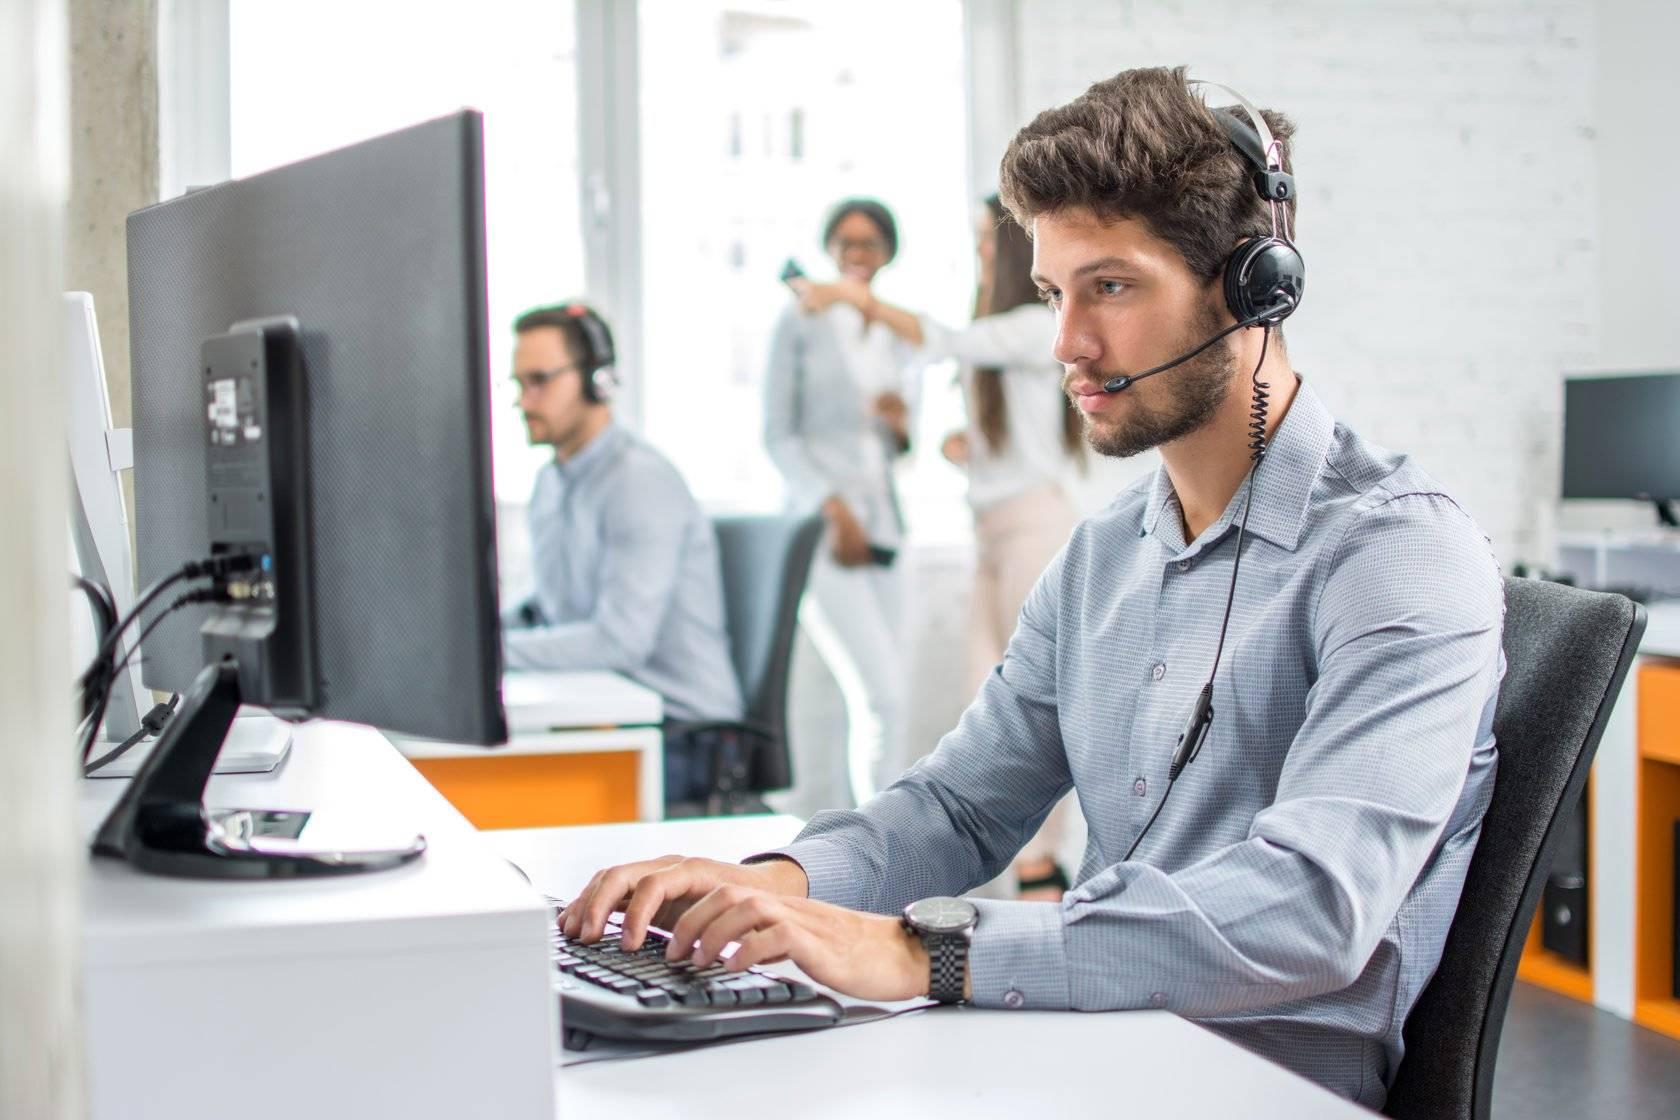 Как написать в службу поддержки инстаграм и получить ответ от саппорта